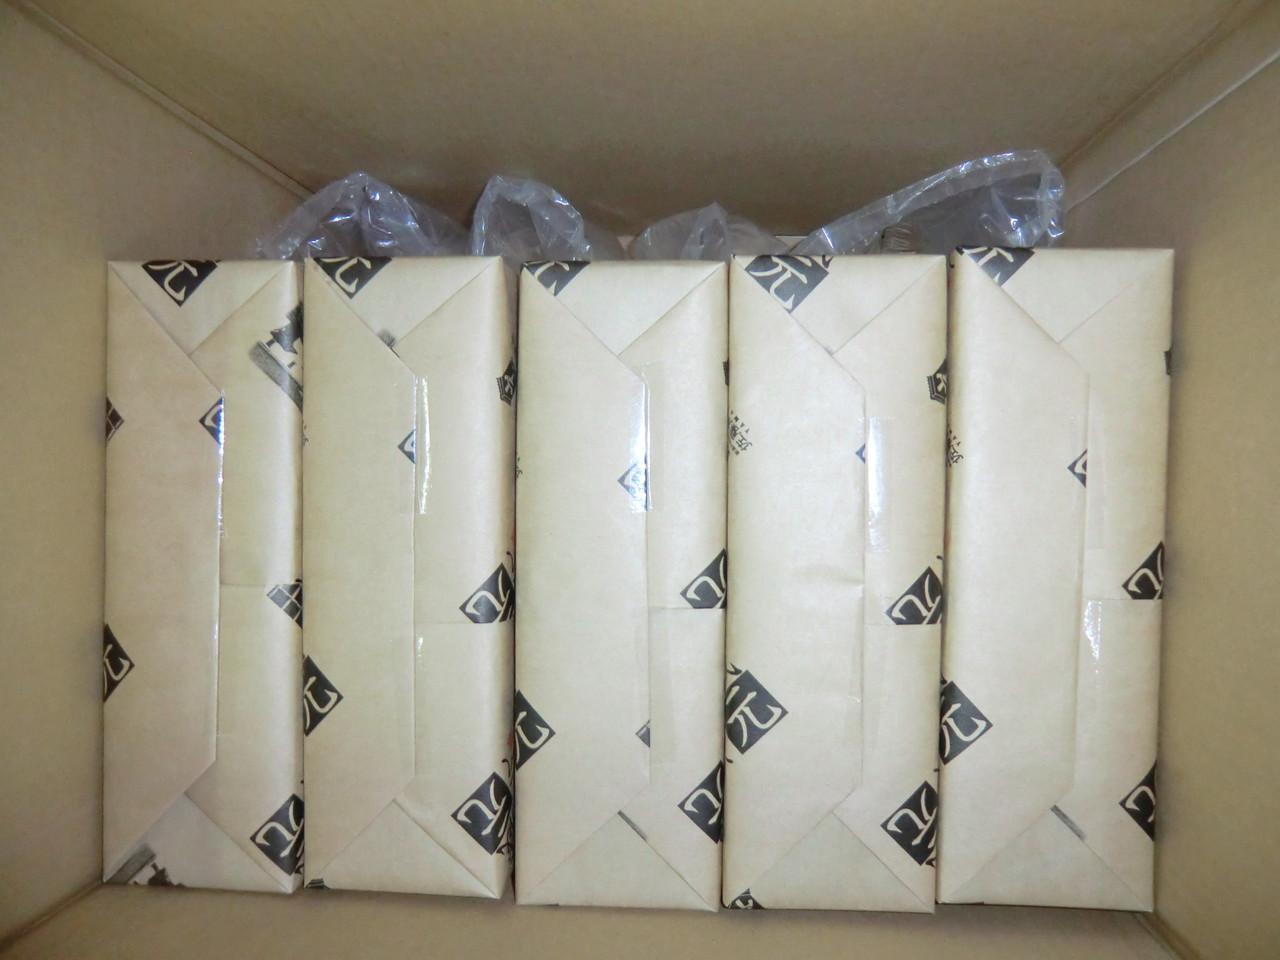 ③四合瓶3本組ギフト5セットで 1梱包 送料は900円です。1セットあたり180円の送料でお得です。